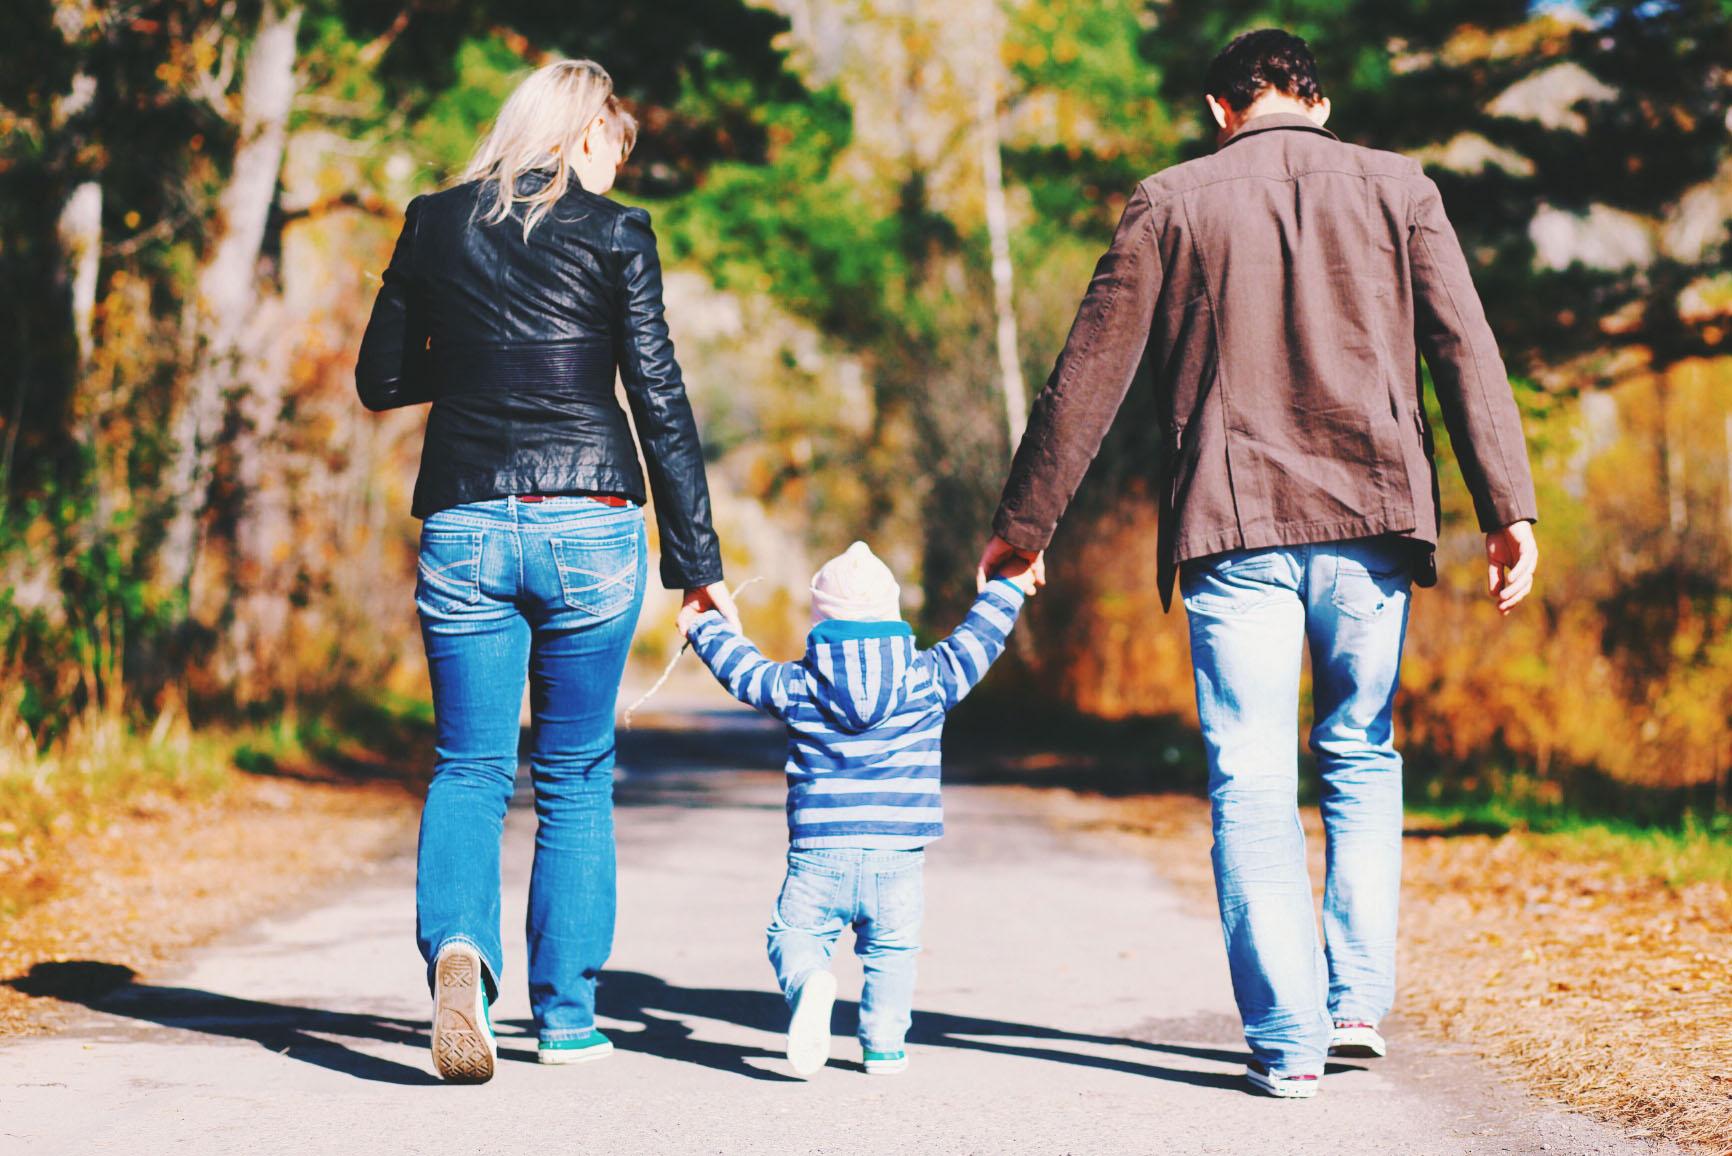 eine Familie beim Händehalten während eines Spaziergangs